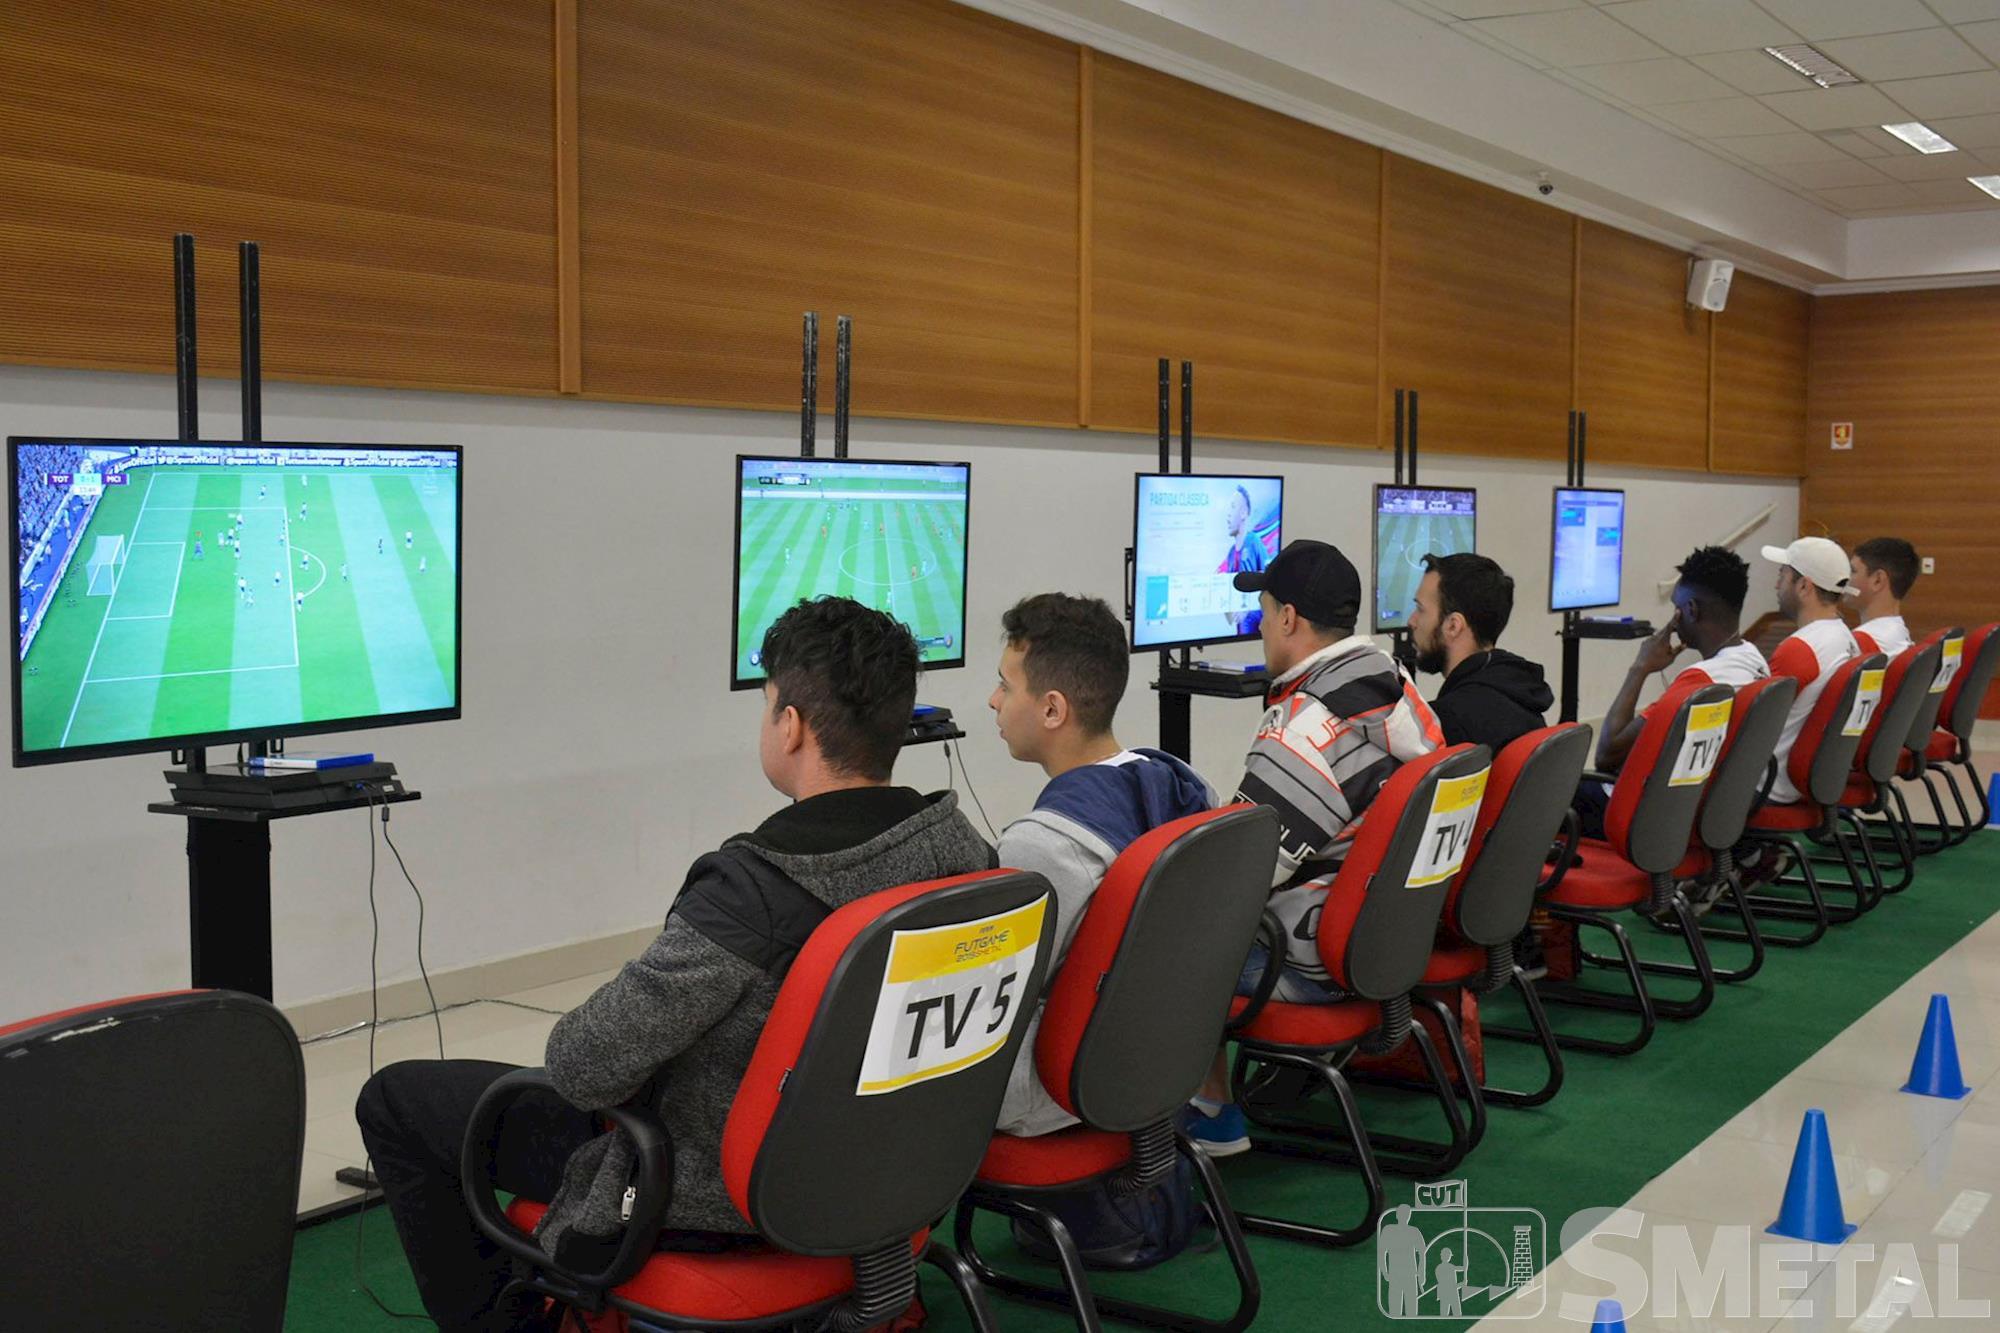 Primeira fase do 9º Torneio de Futgame do SMetal,  no dia 20 de julho de 2019, torneio,  futgame,  smetal,  fifa,  campeonato,  game, Foguinho/Imprensa SMetal, 9º Torneio de Futgame do SMetal - primeira fase